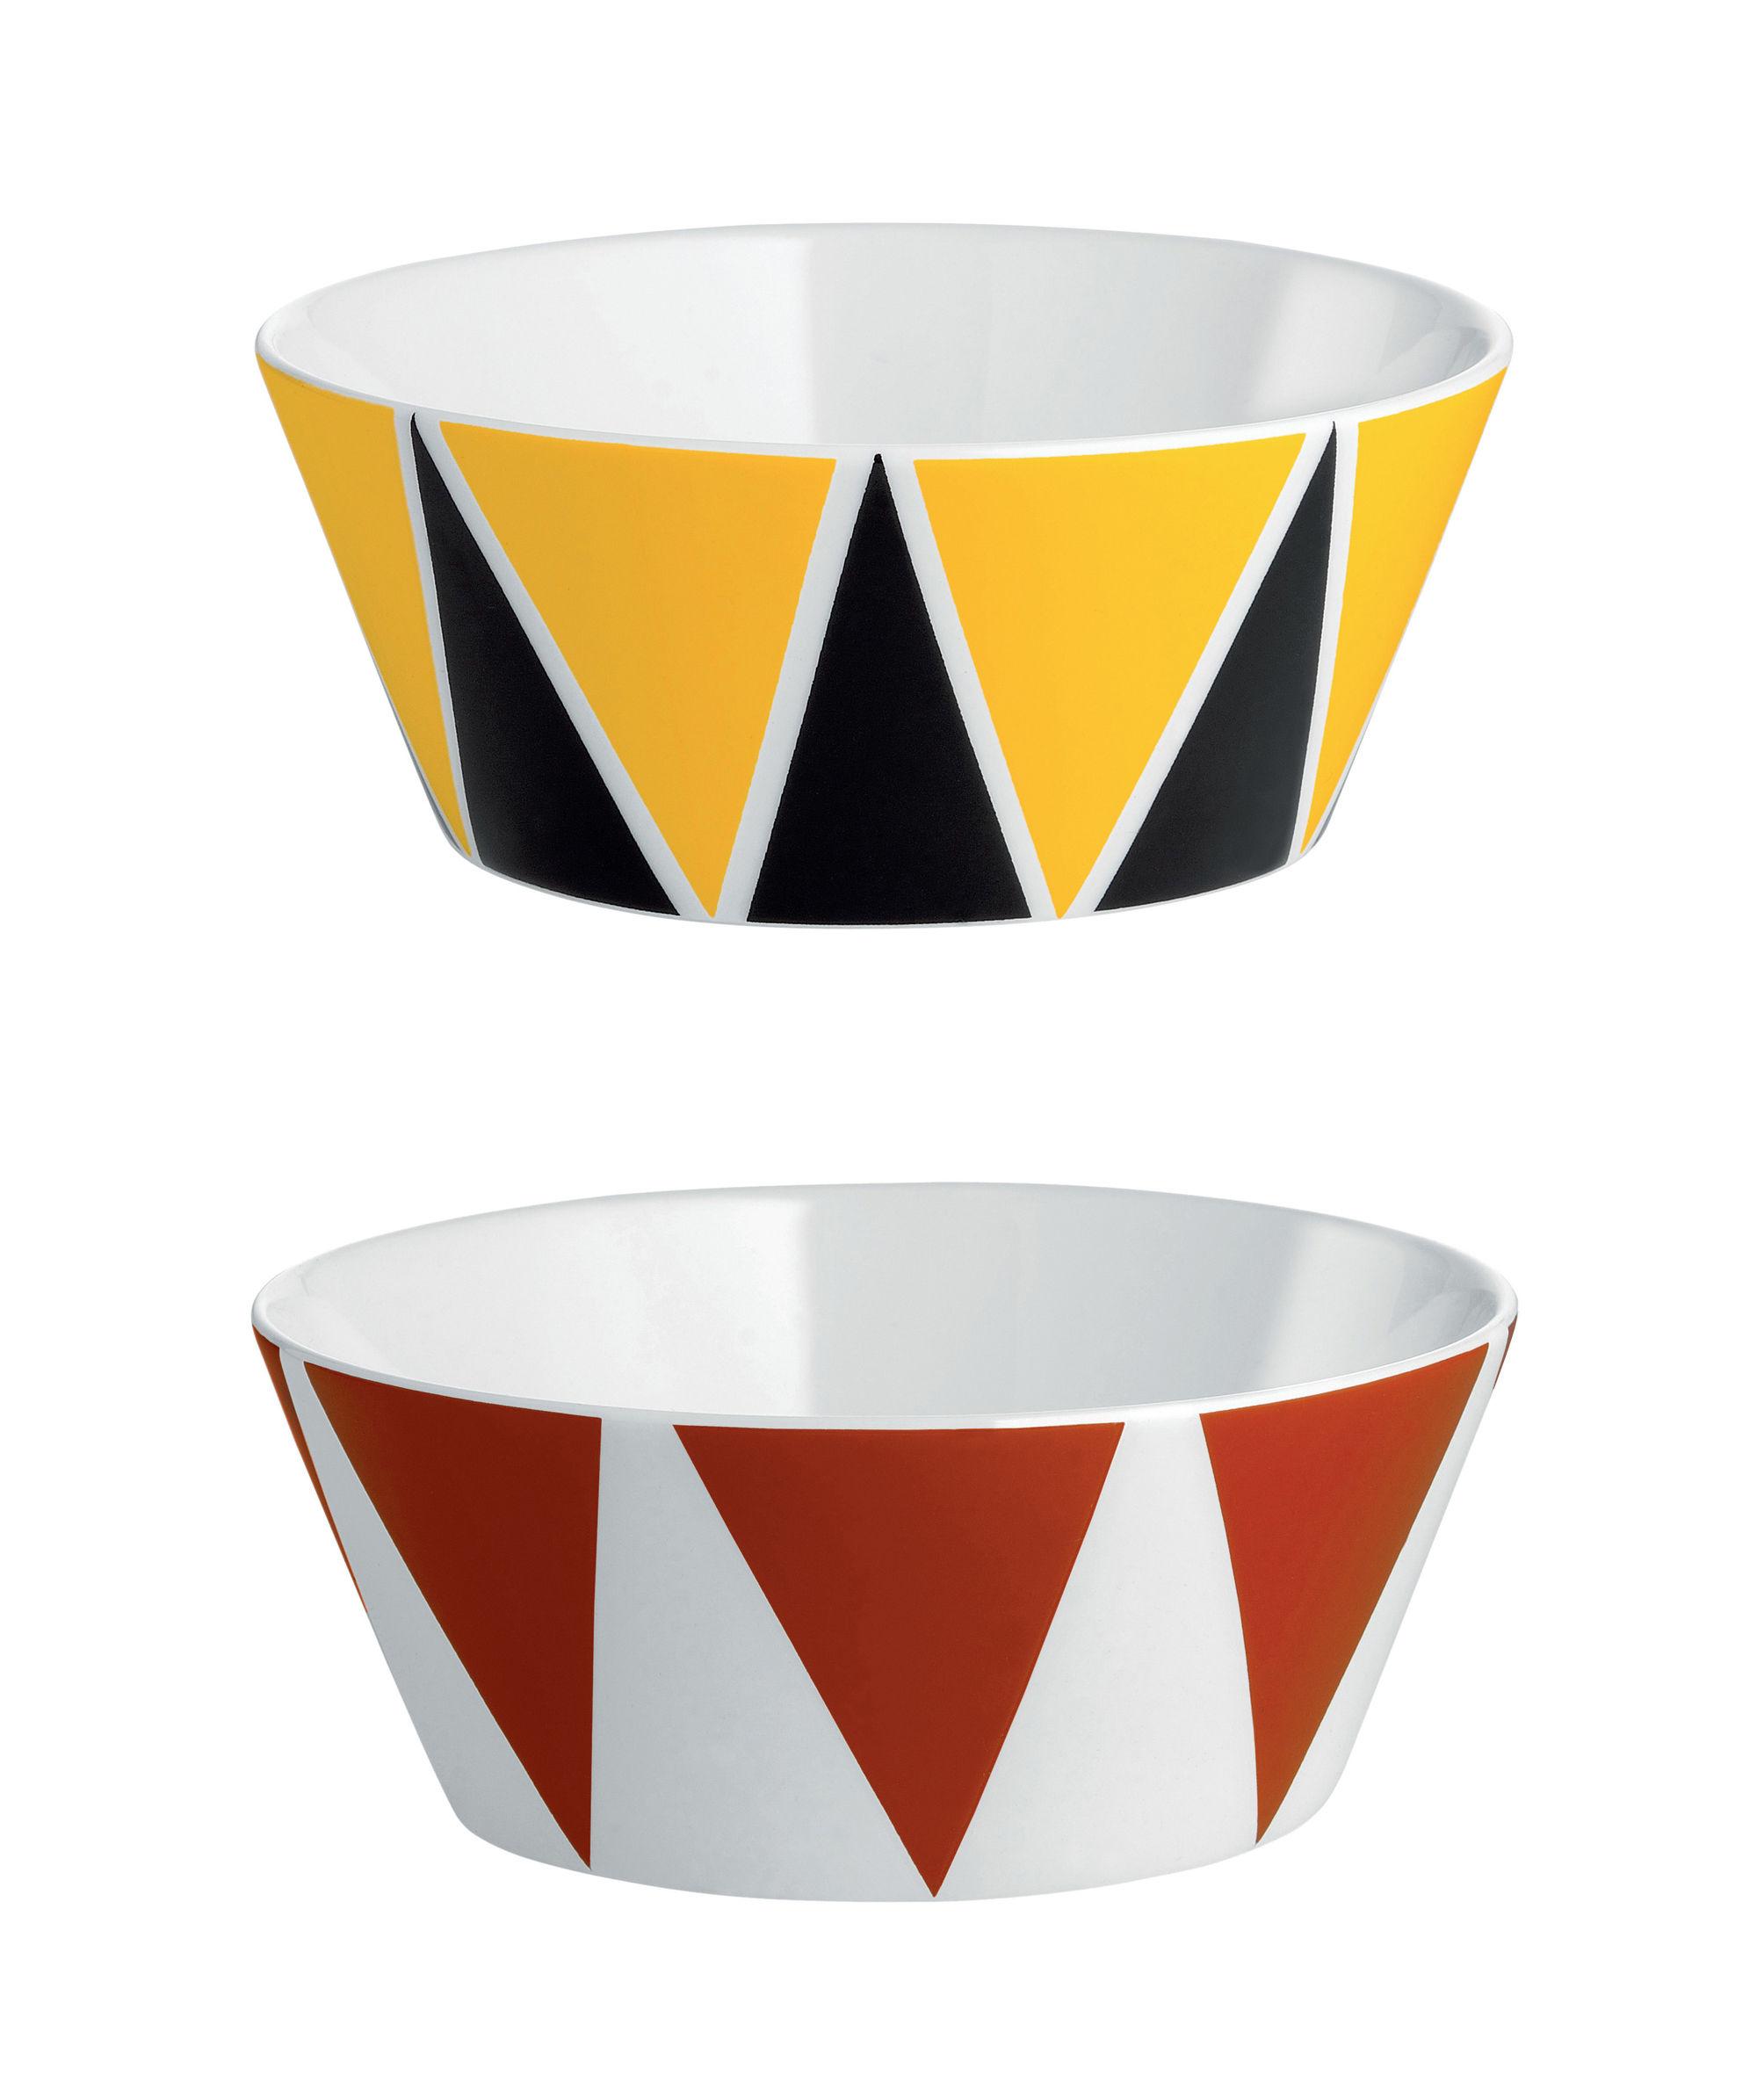 Arts de la table - Saladiers, coupes et bols - Coupelle Circus / Set de 2 - Ø 11 x H 4,5 cm - Porcelaine anglaise - Alessi - Triangles / Multicolore - Porcelaine anglaise